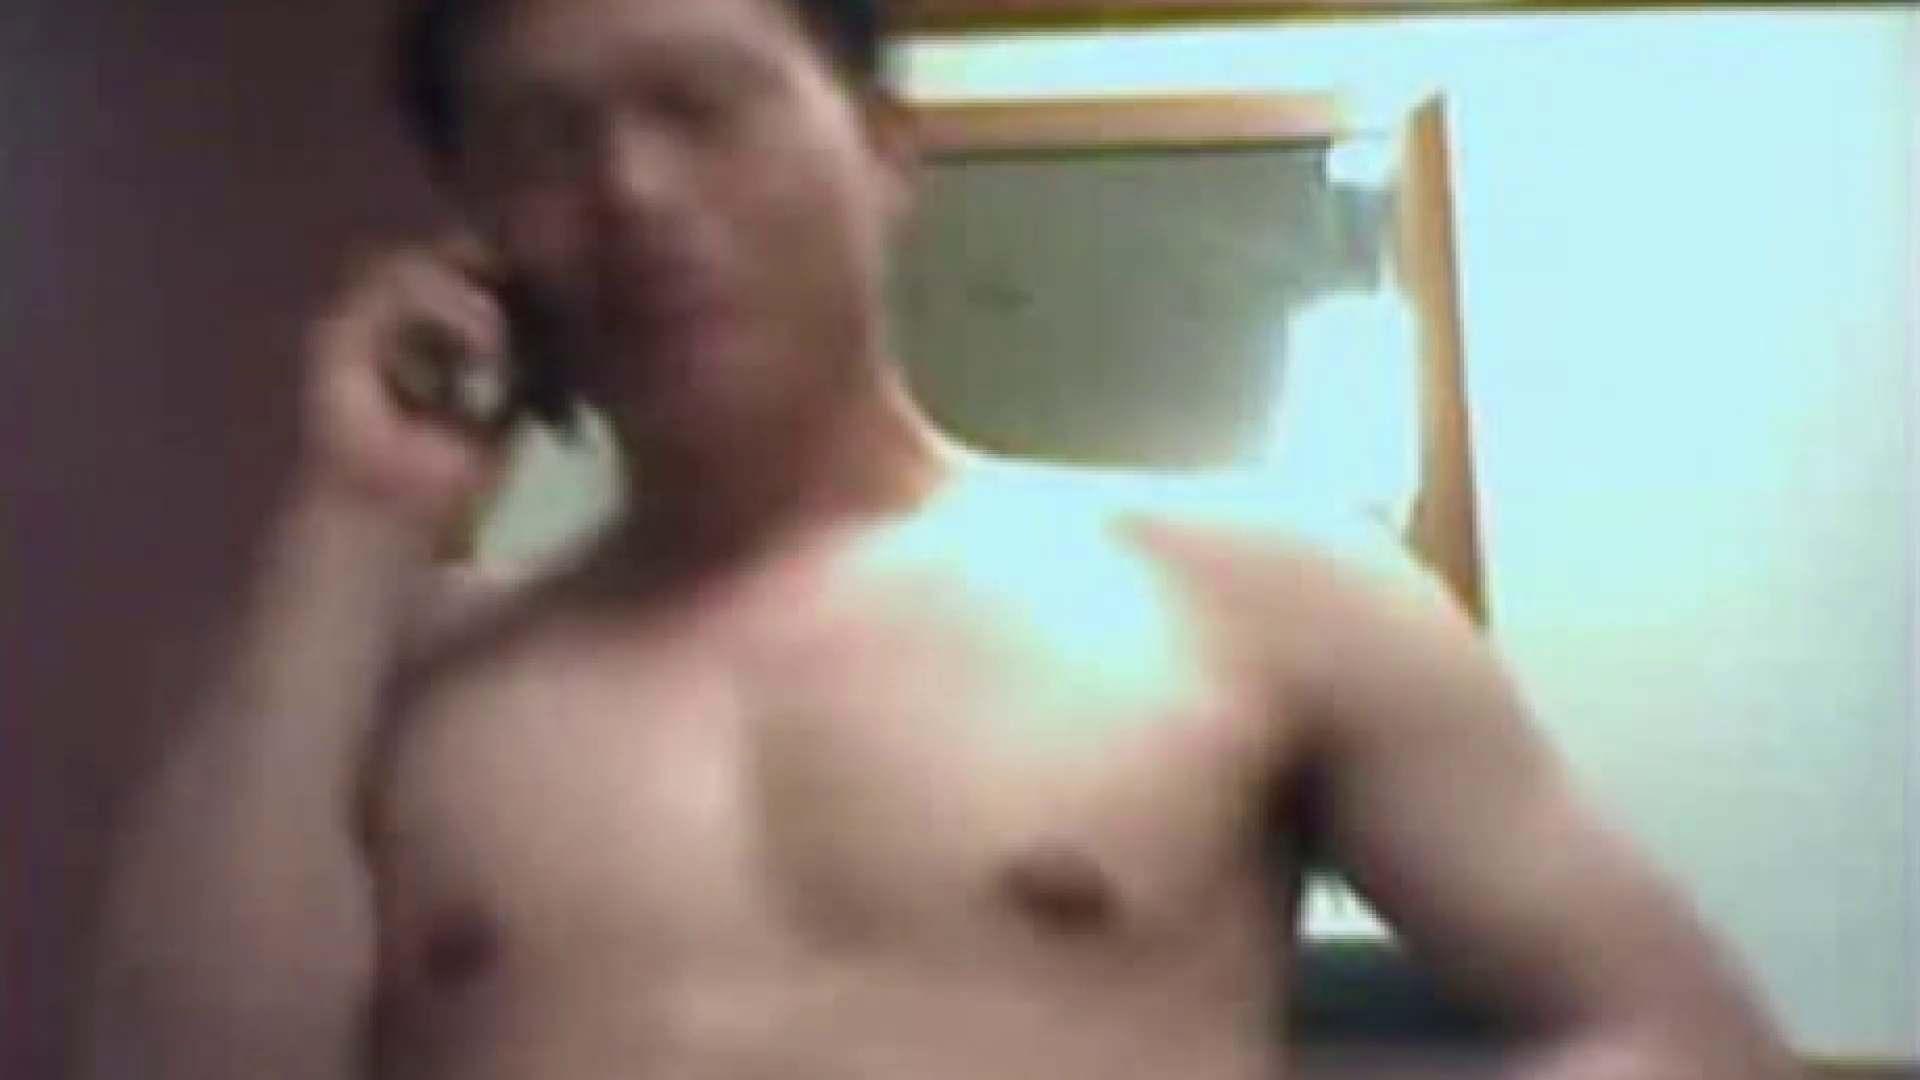 魅せろ!エロチャット!Vol.02 オナニー専門男子 | エロすぎる映像  52画像 13